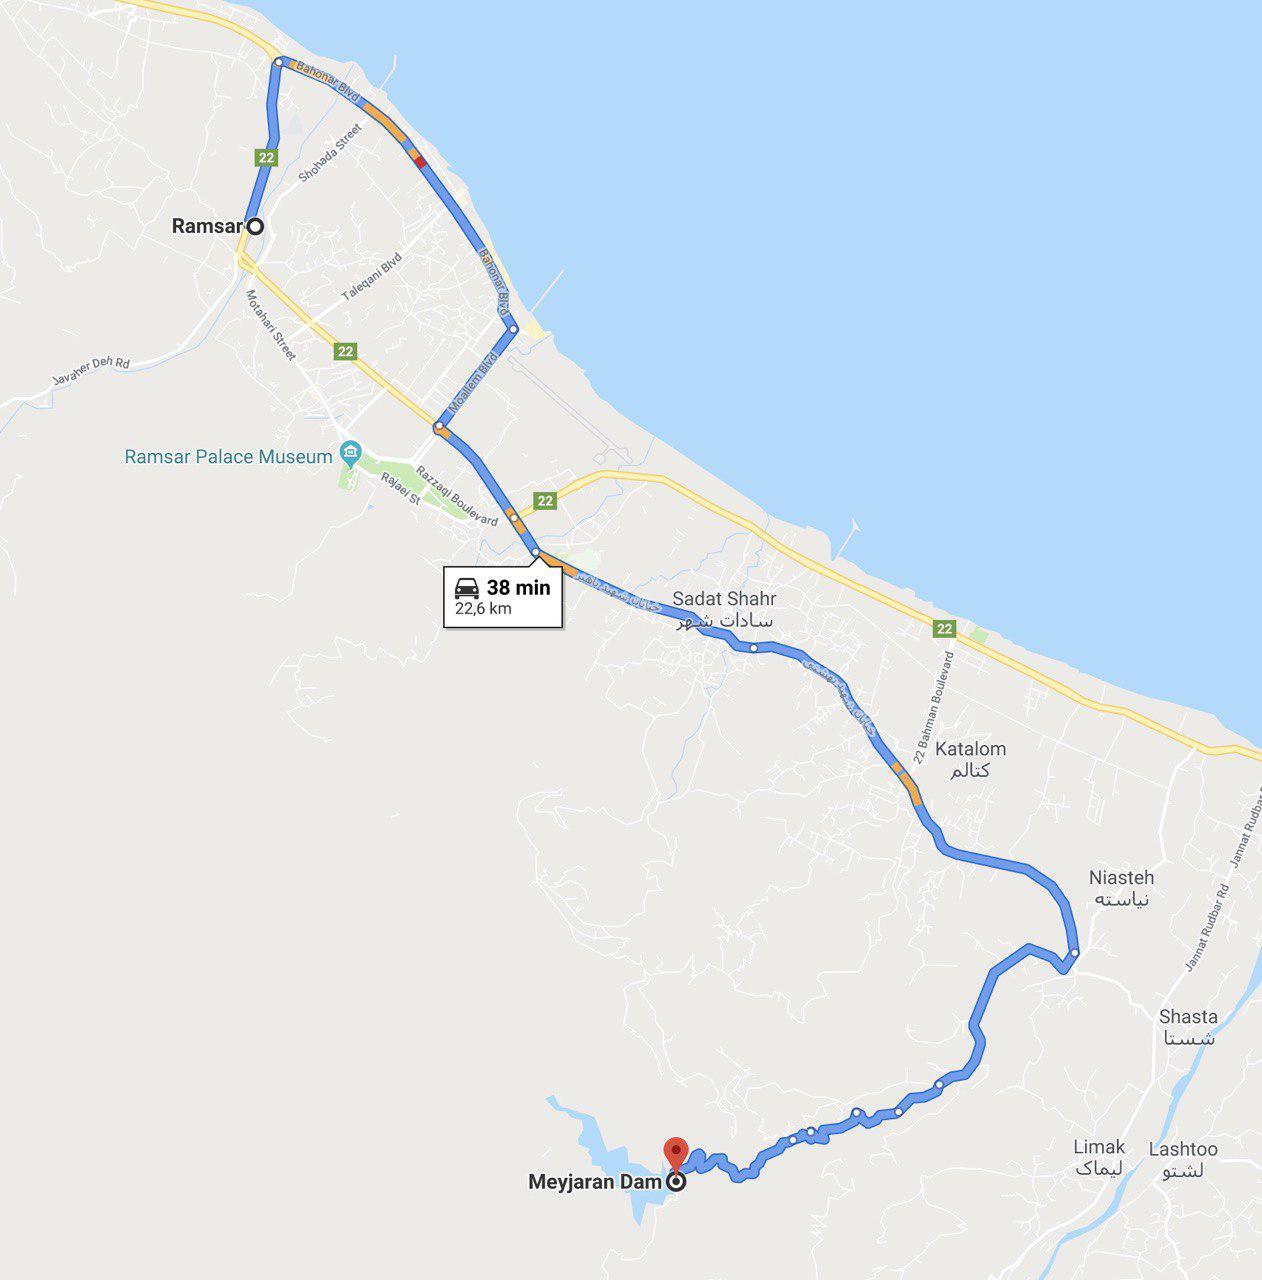 مسیر رامسر به سد میجران